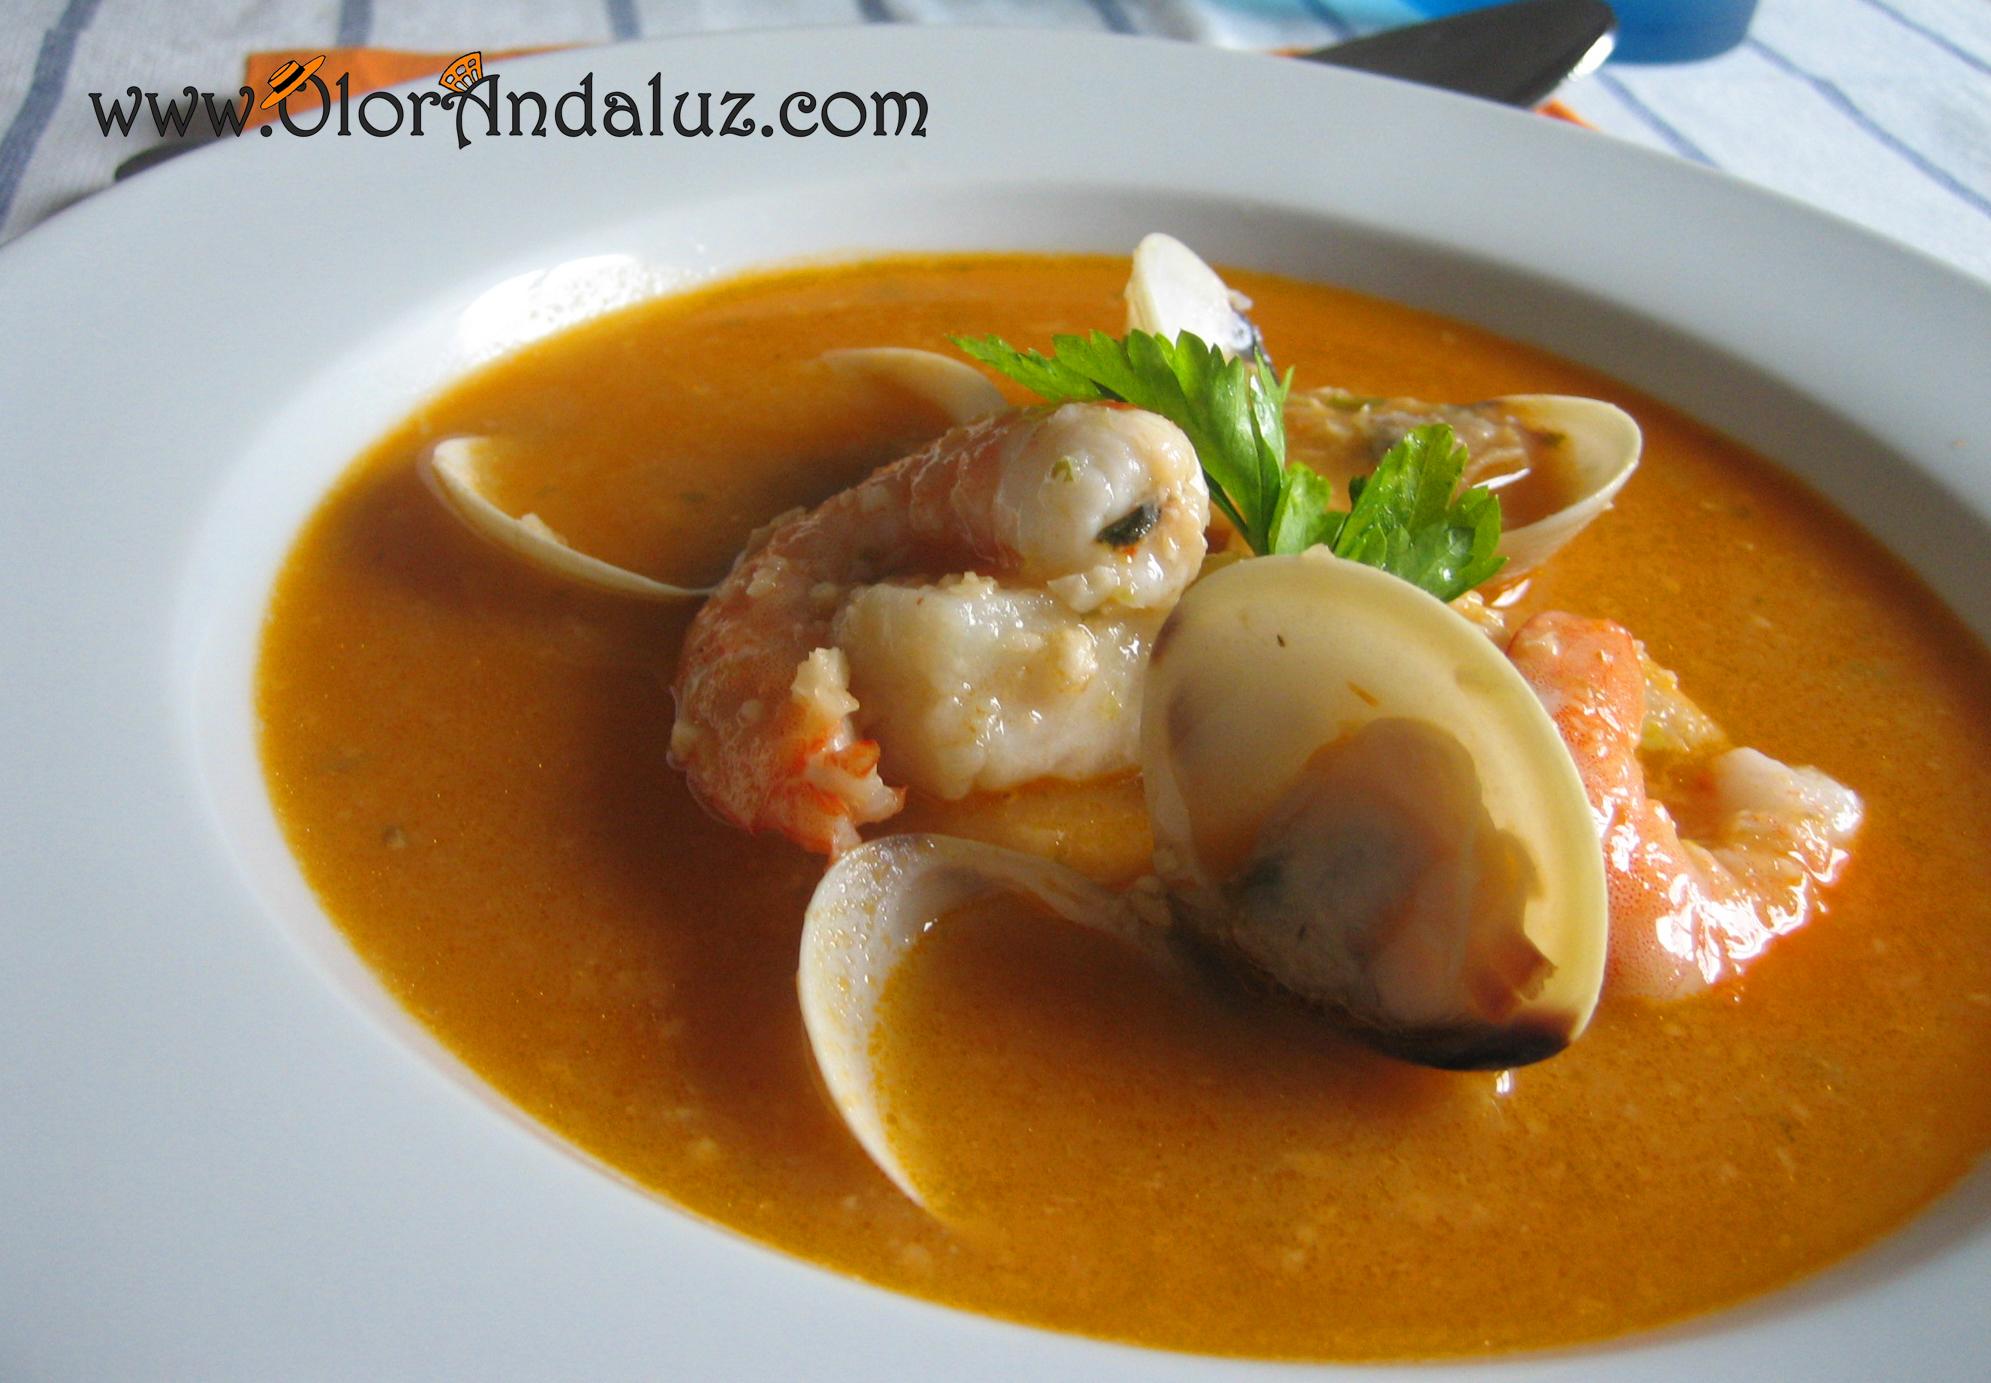 Sopa de pescado y marisco olor andaluz - Sopa de marisco y pescado ...